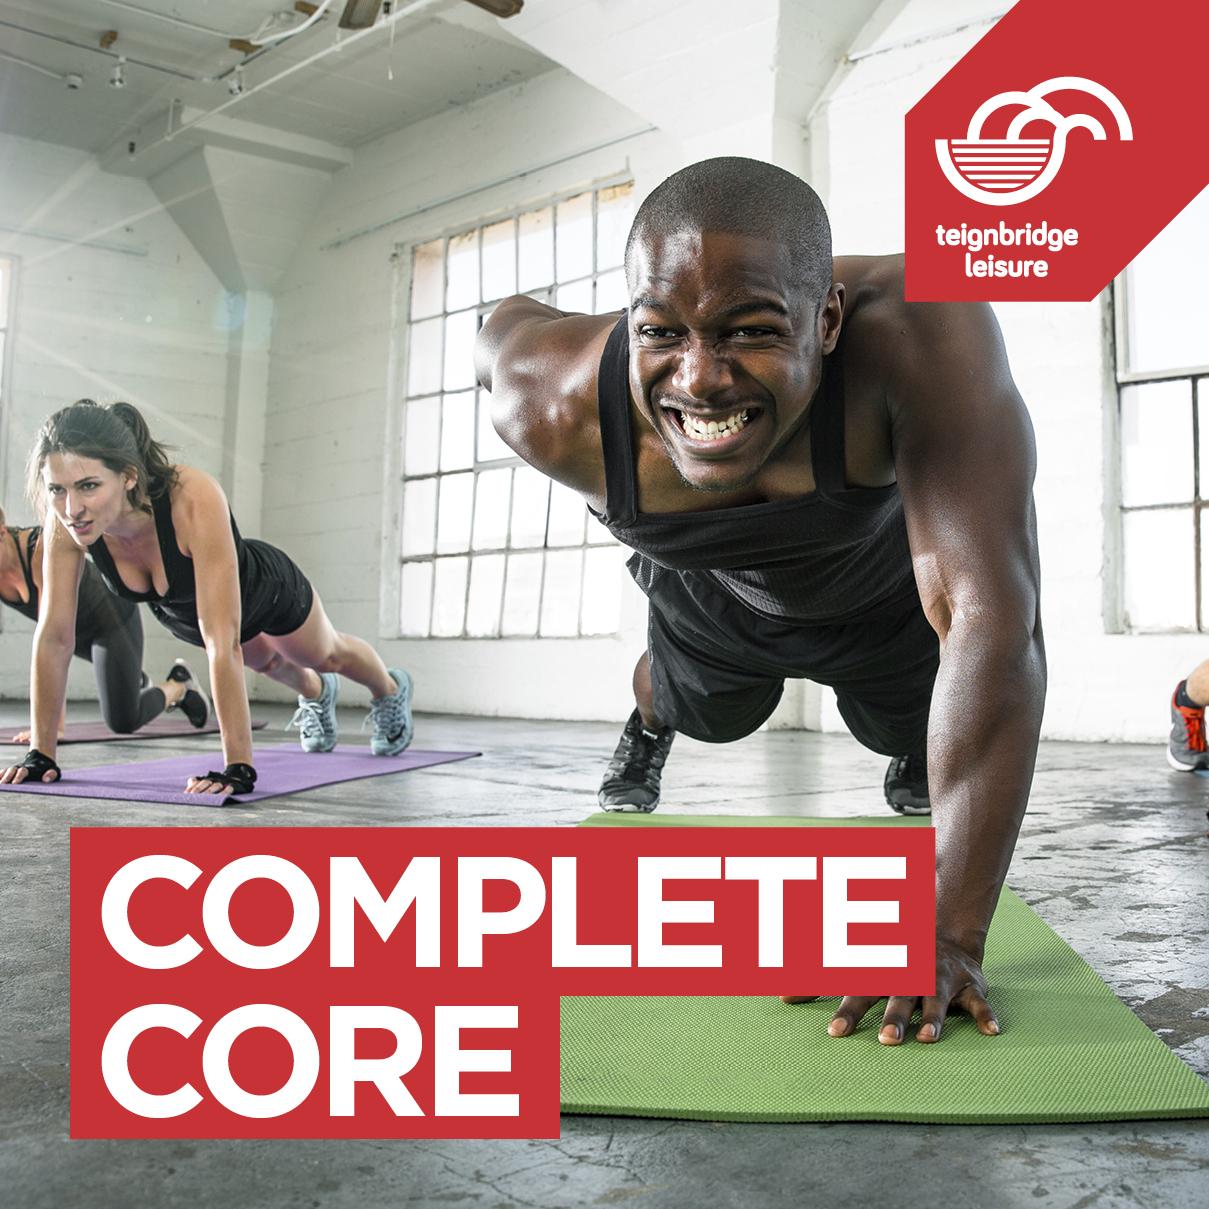 Complete Core